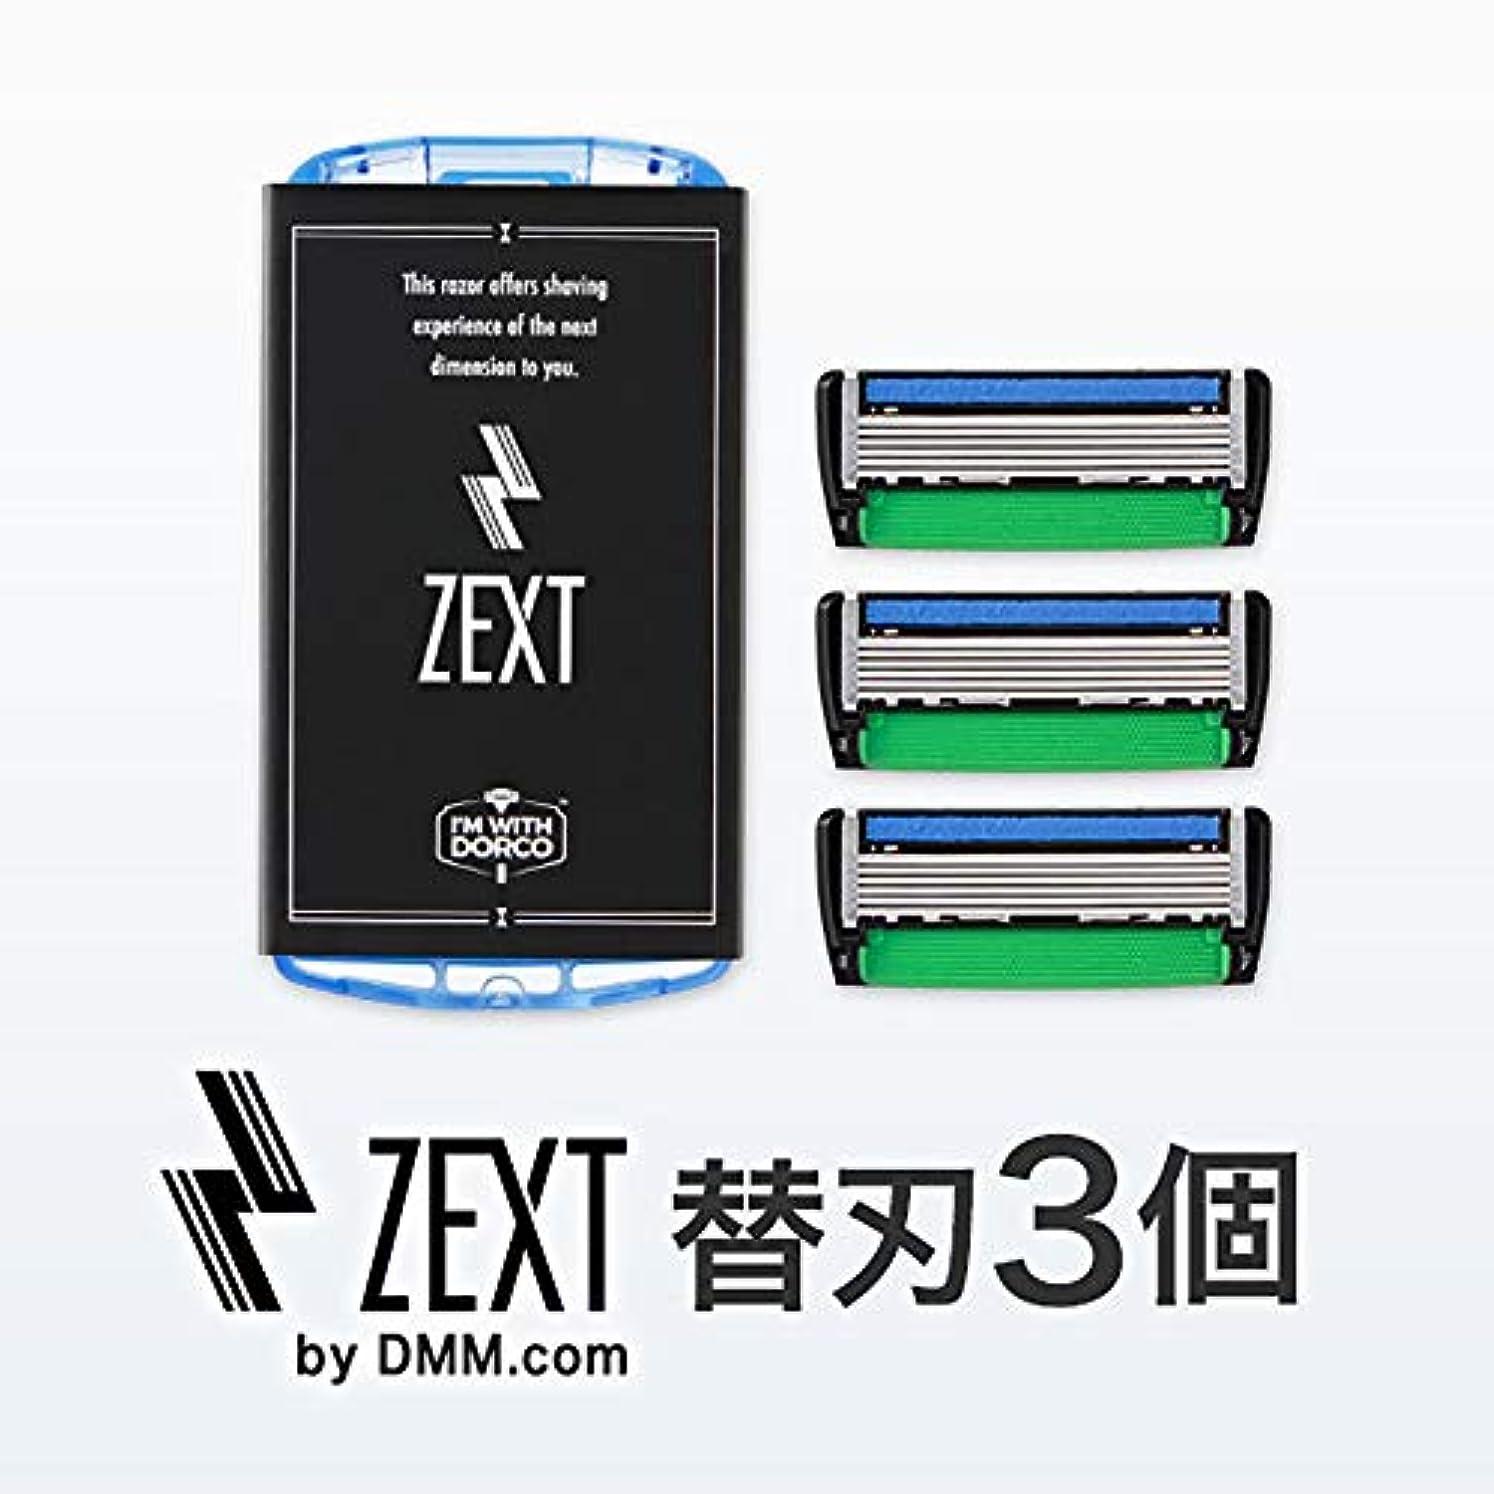 ハードリング文字重要なZEXT 6枚刃カミソリ 替刃3個入